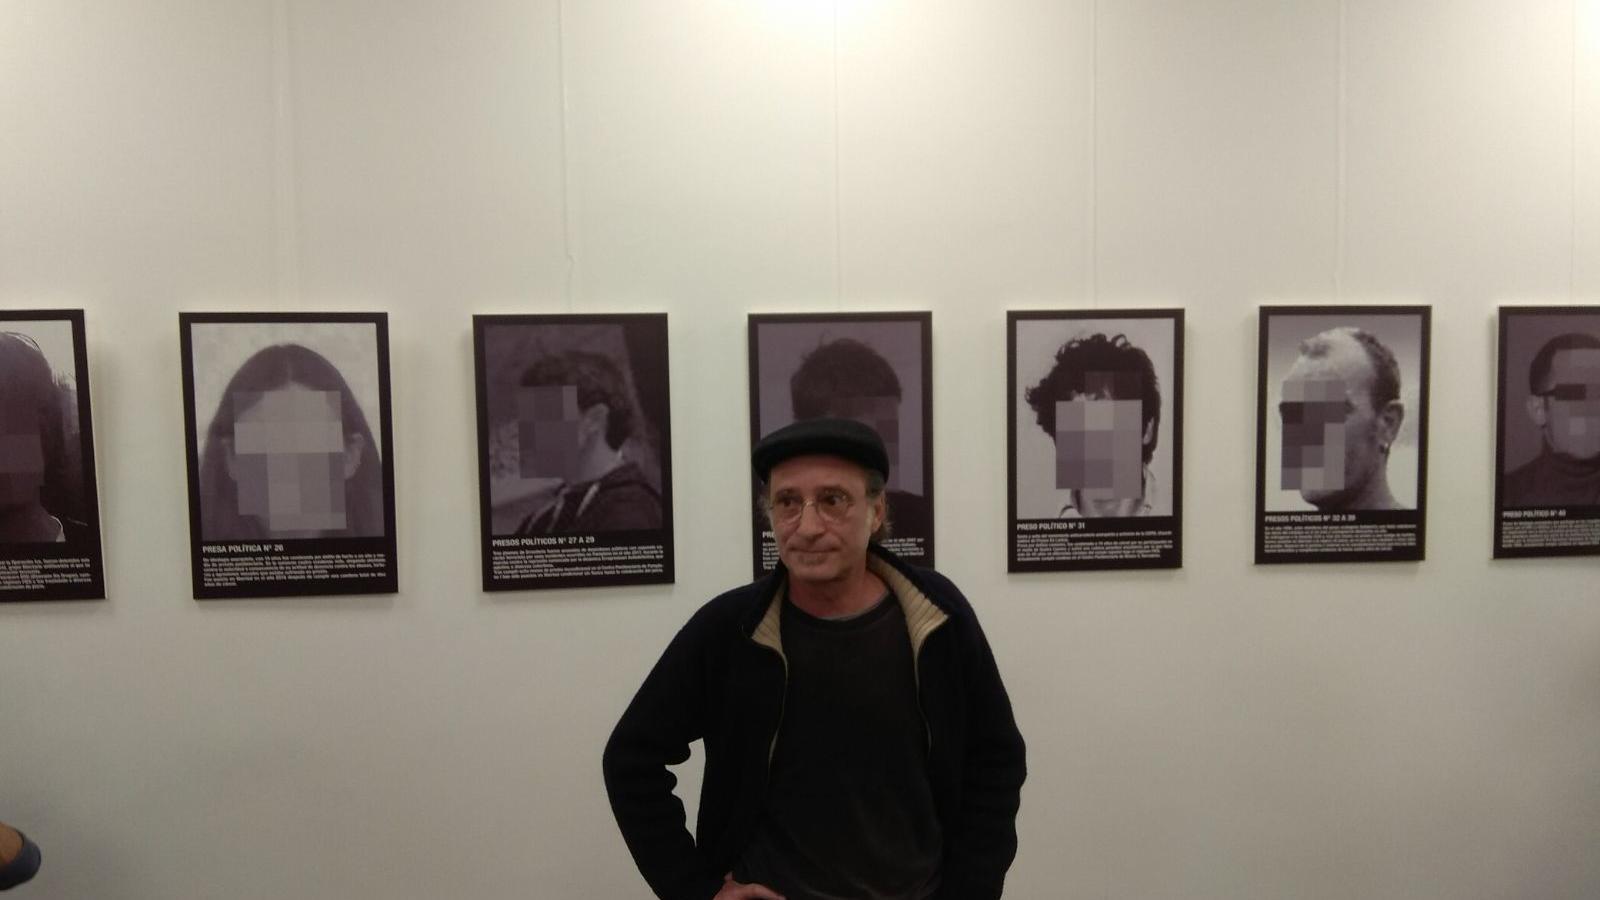 """Santiago Sierra: """"Arco ja ha passat, ara del que es tracta és que s'alliberin els presos polítics"""""""